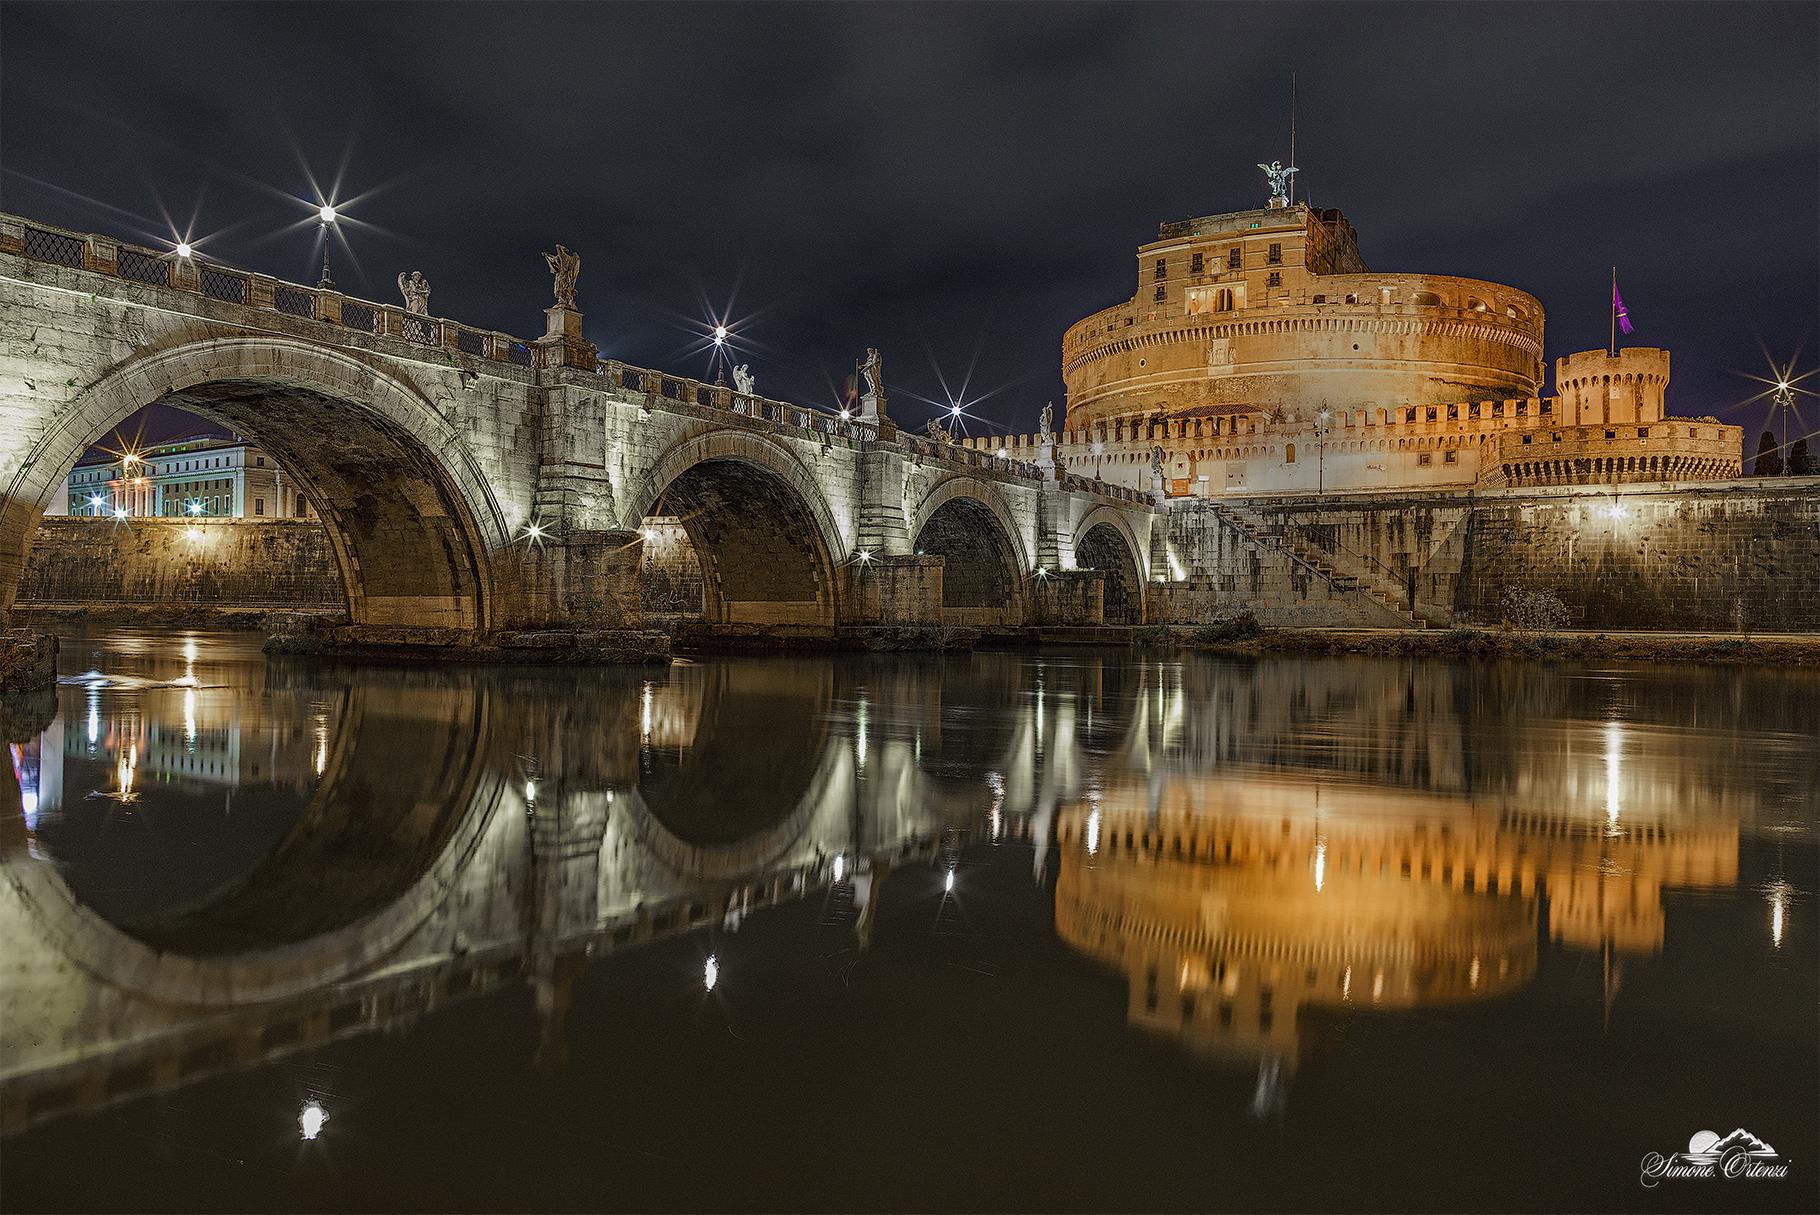 Hình nền : phong cảnh, Cảnh thành phố, đêm, Kiến trúc, Nước, Sự phản chiếu, Bầu trời, nhiếp ảnh, Đám mây, tối, Lâu đài, sóng biển, cầu, con sông, Canon, ...